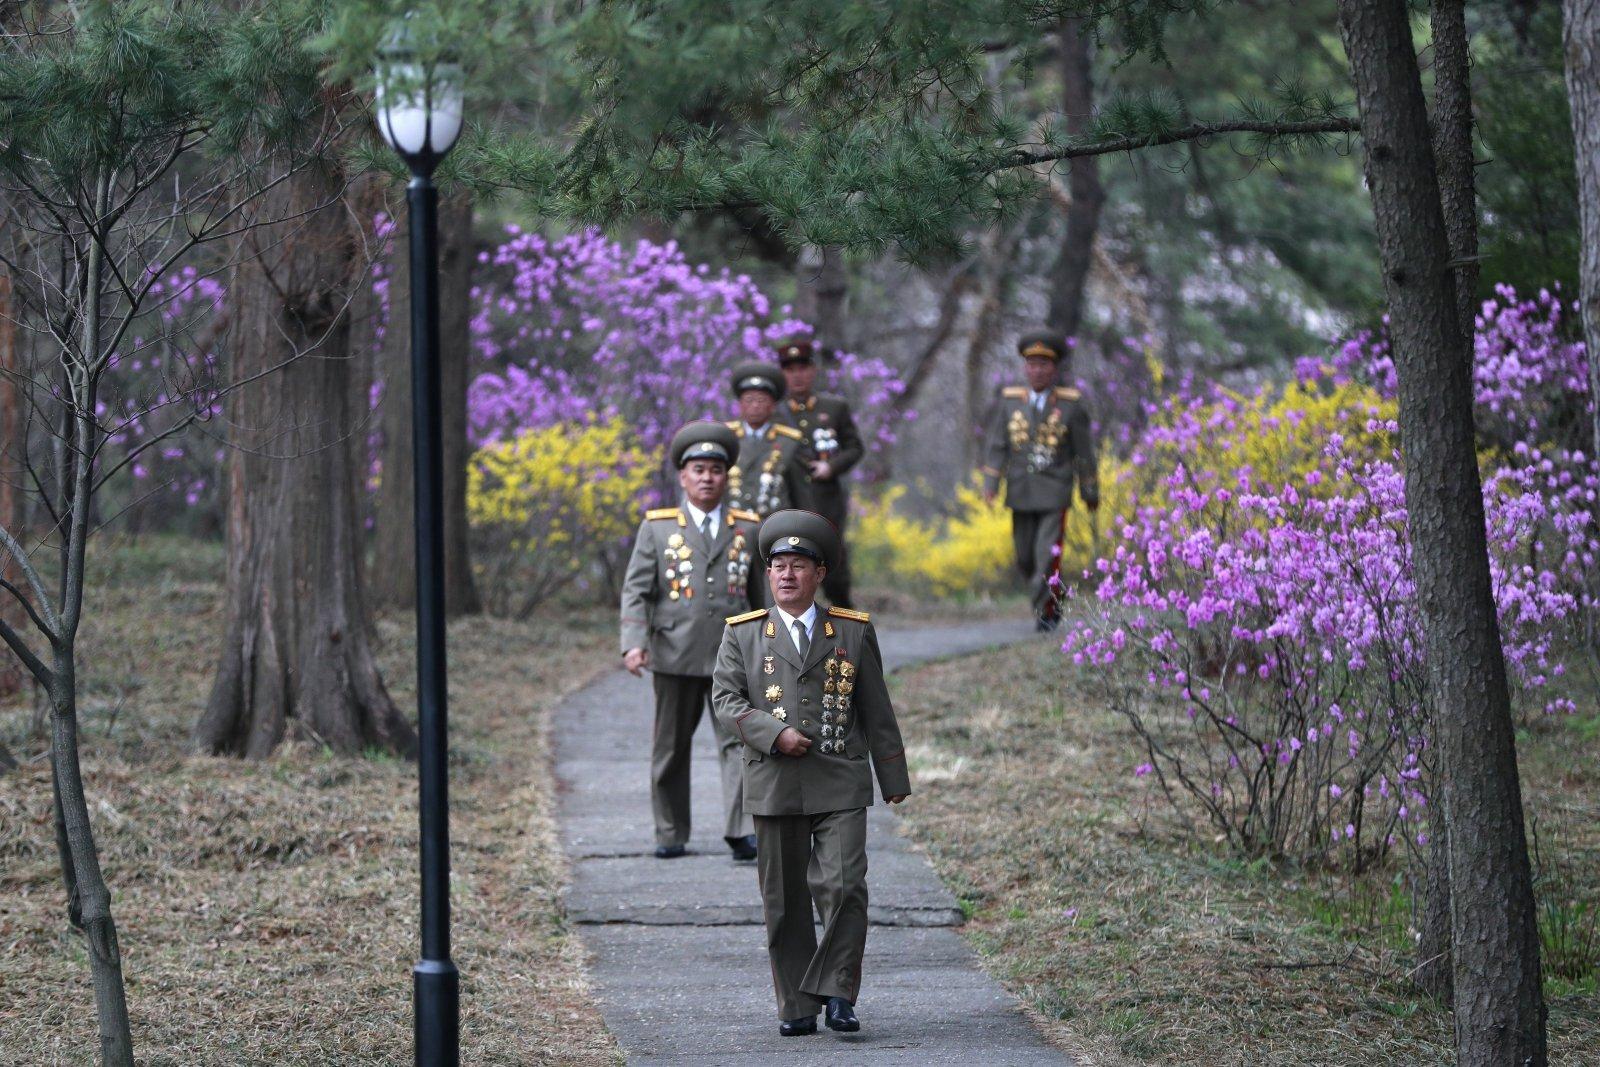 Żołnierze w Korei Północnej odwiedzają Kim Ir Sen Dom w Phenian, Korea Północna. Fot. EPA/HOW HWEE YOUNG